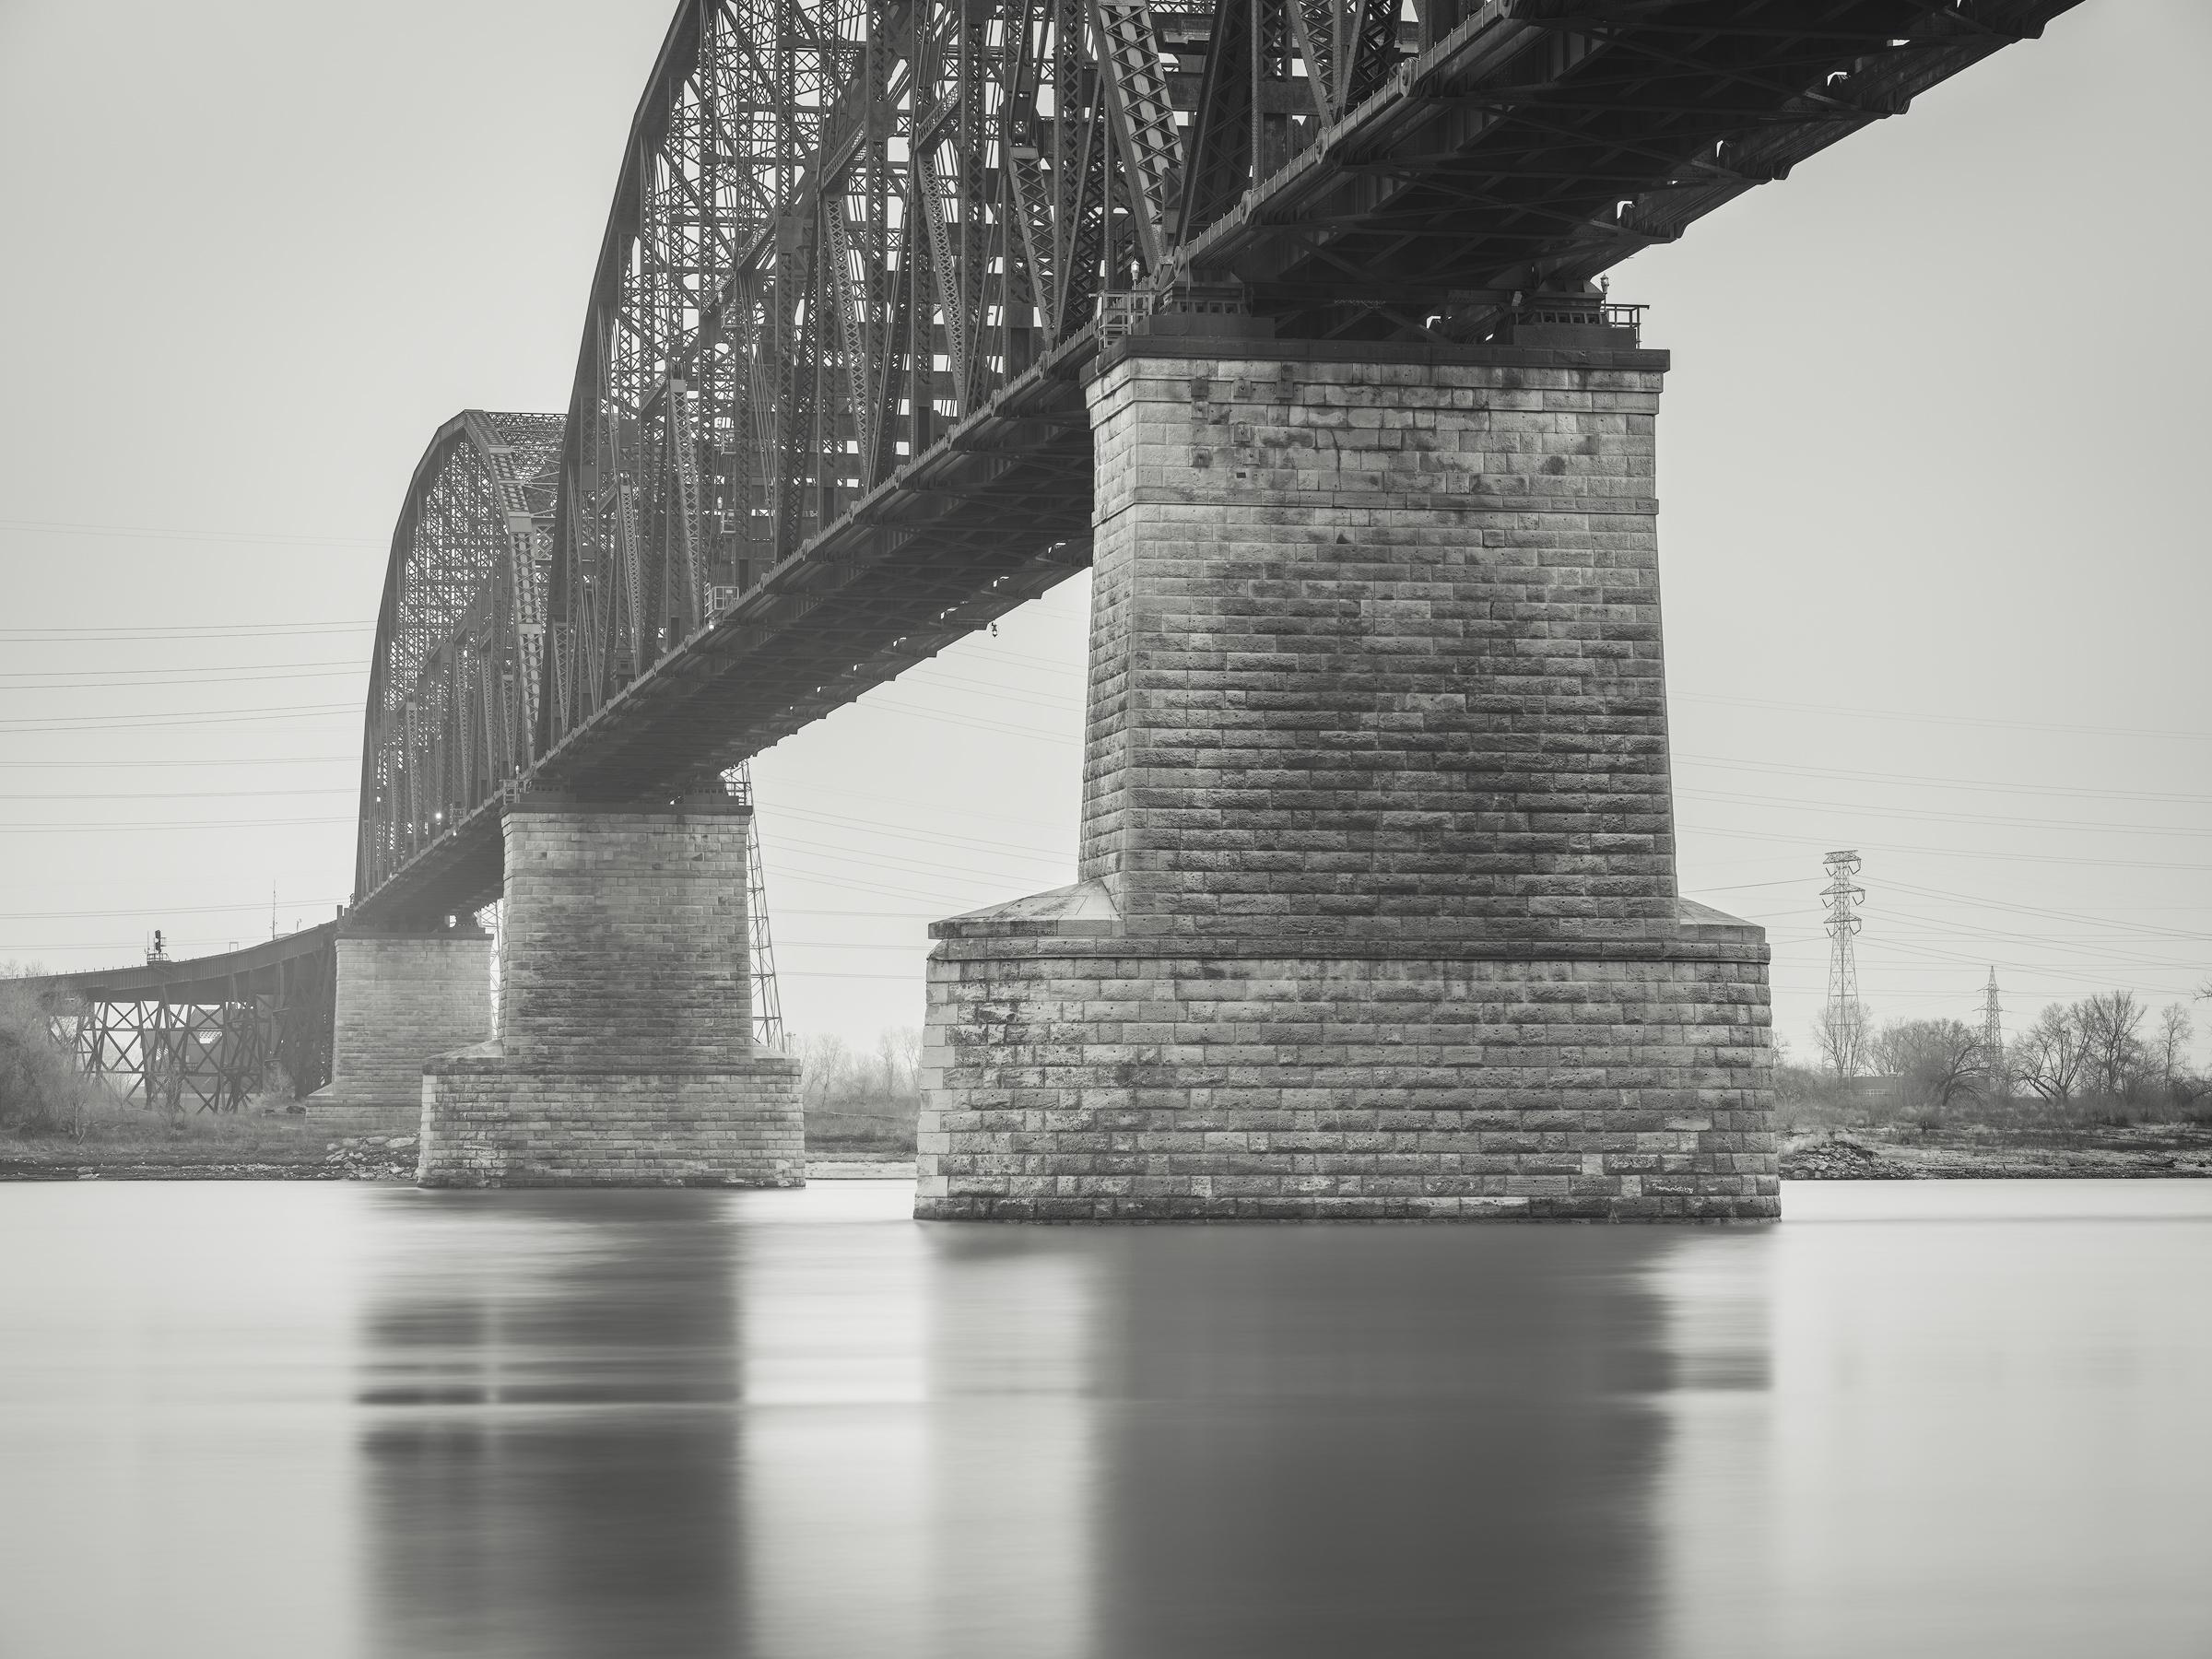 McKinley Bridge, St Louis MO - Fuji GFX50s and a Fujinon GF32-64mm f4 R WR   ISO 100 at f11 for 120 seconds.